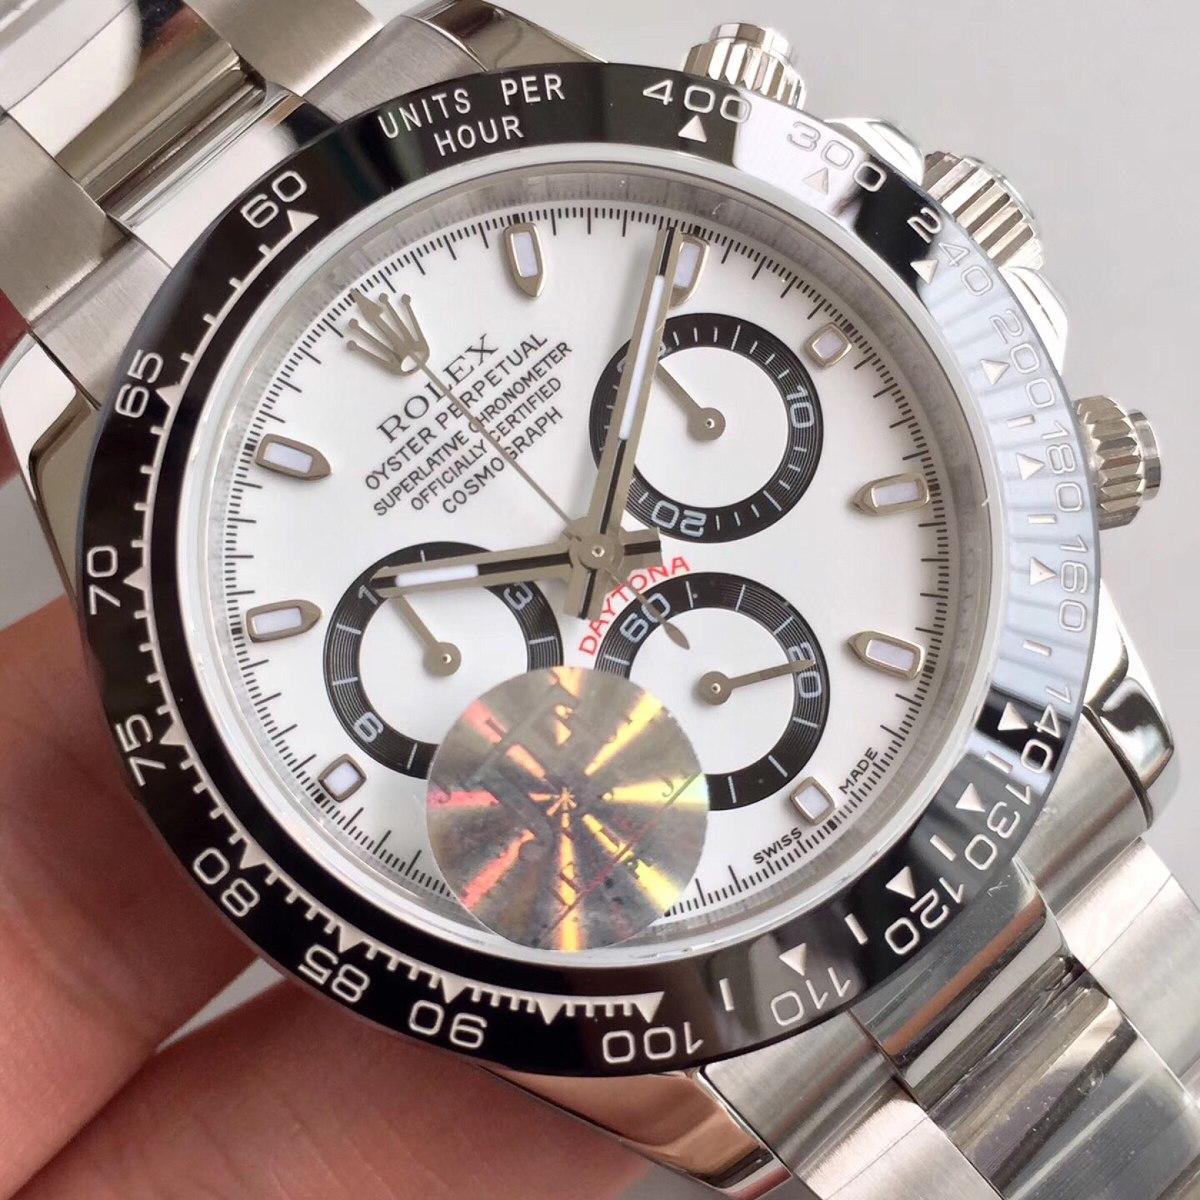 3282222f2e3 relógio rolex daytona cerâmica maquina eta 7750. Carregando zoom.